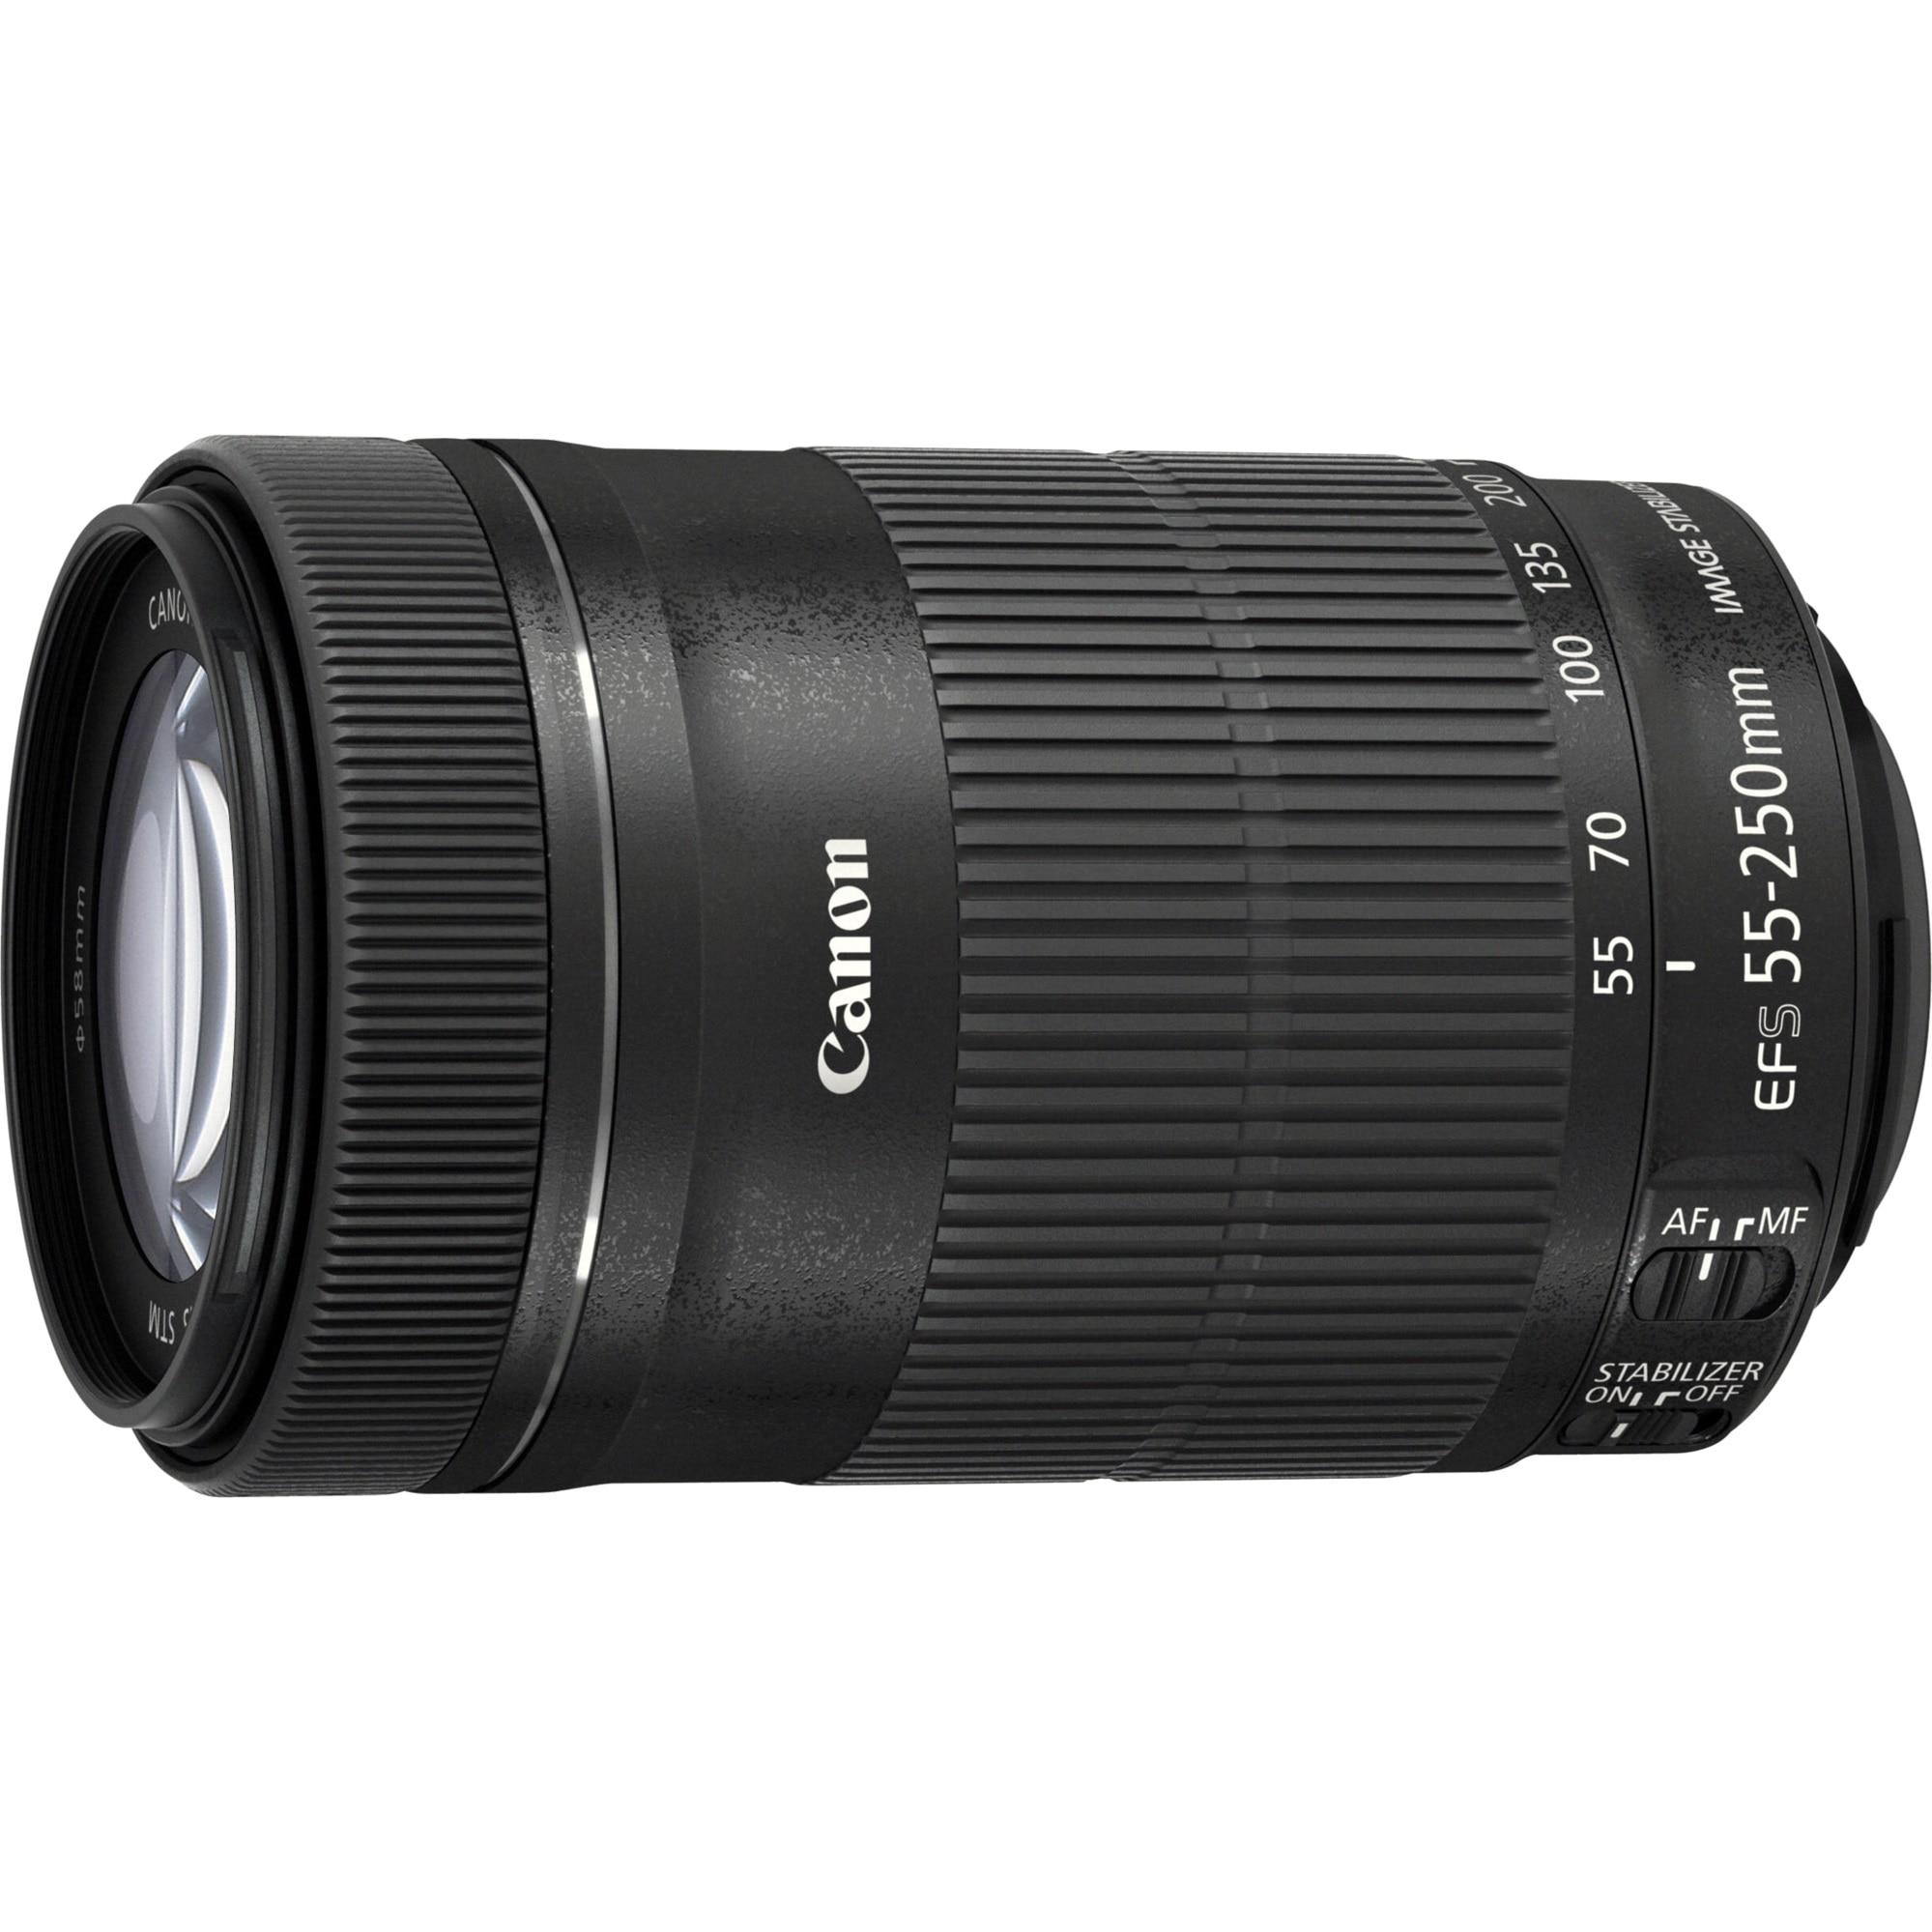 Fotografie Obiectiv Canon EF-S 55-250mm f/4-5.6 IS STM